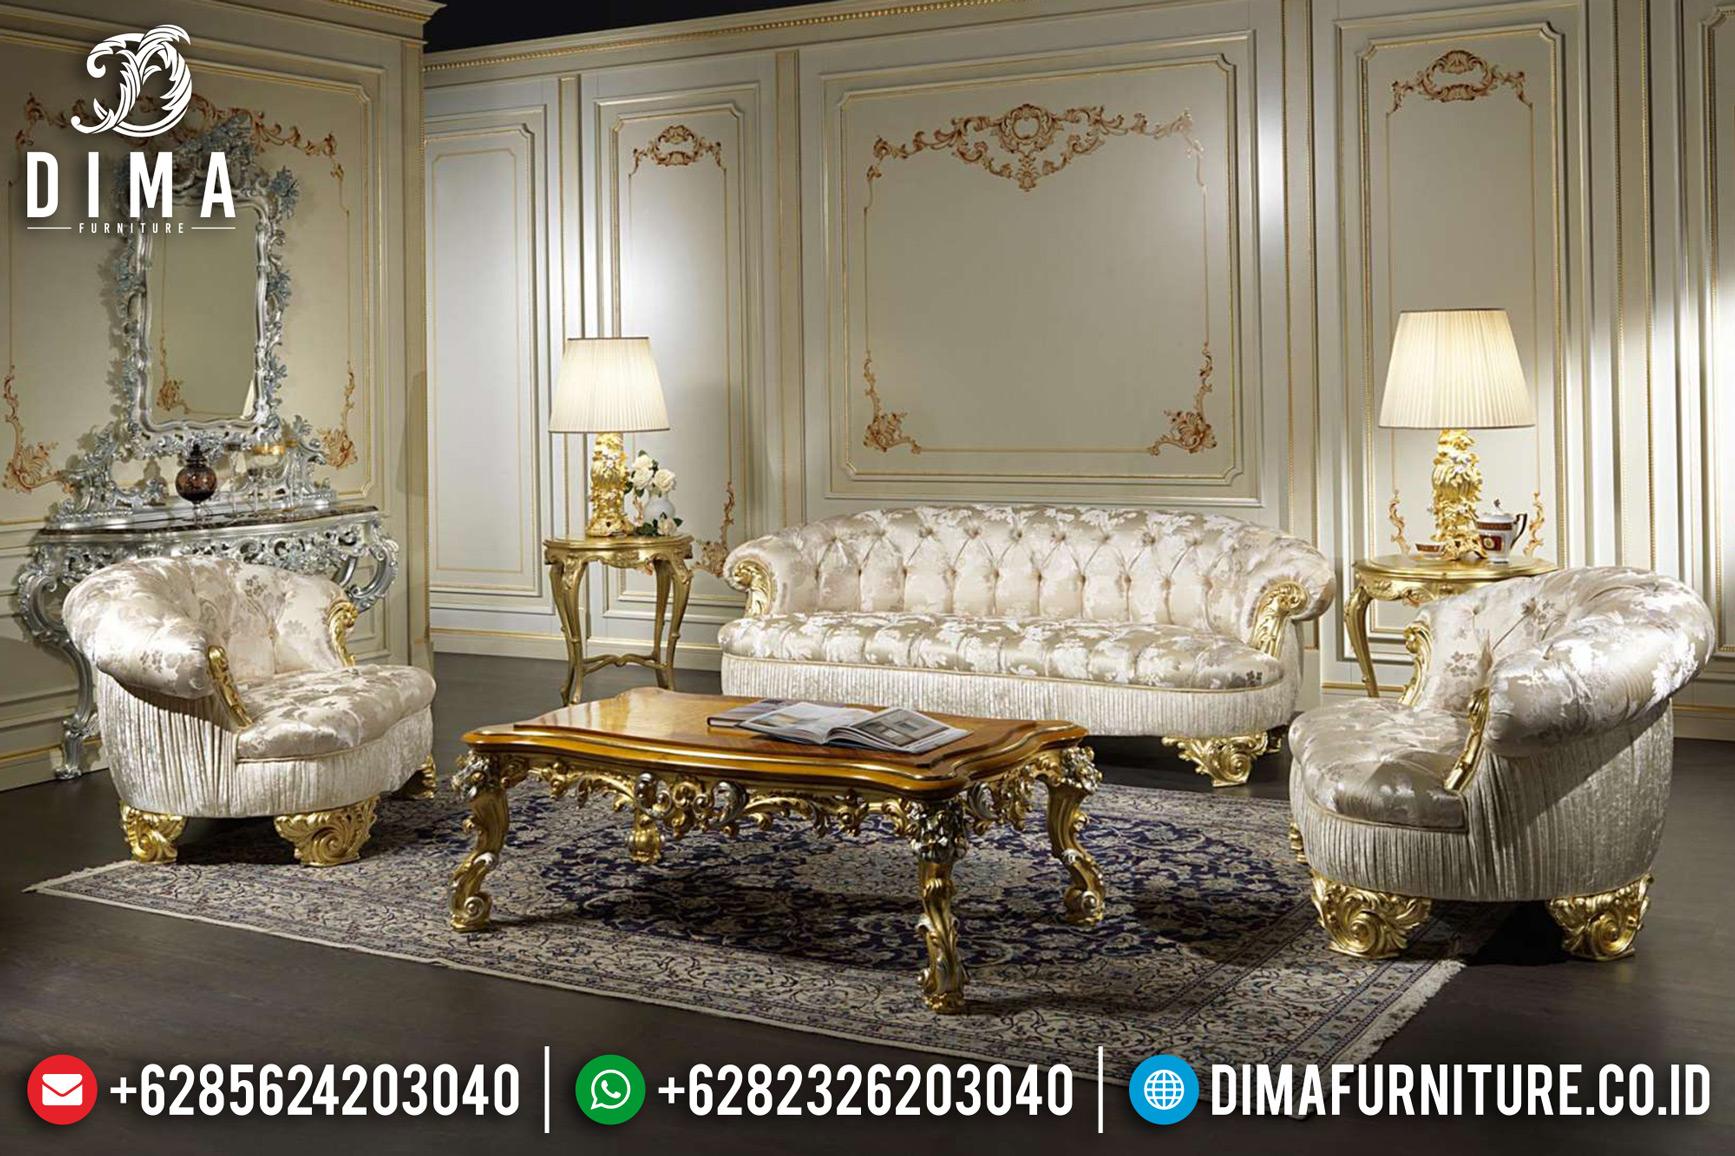 Sofa Ruang Tamu Mewah, Sofa Tamu Jepara Terbaru, Kursi Ukir Jepara DF-0832